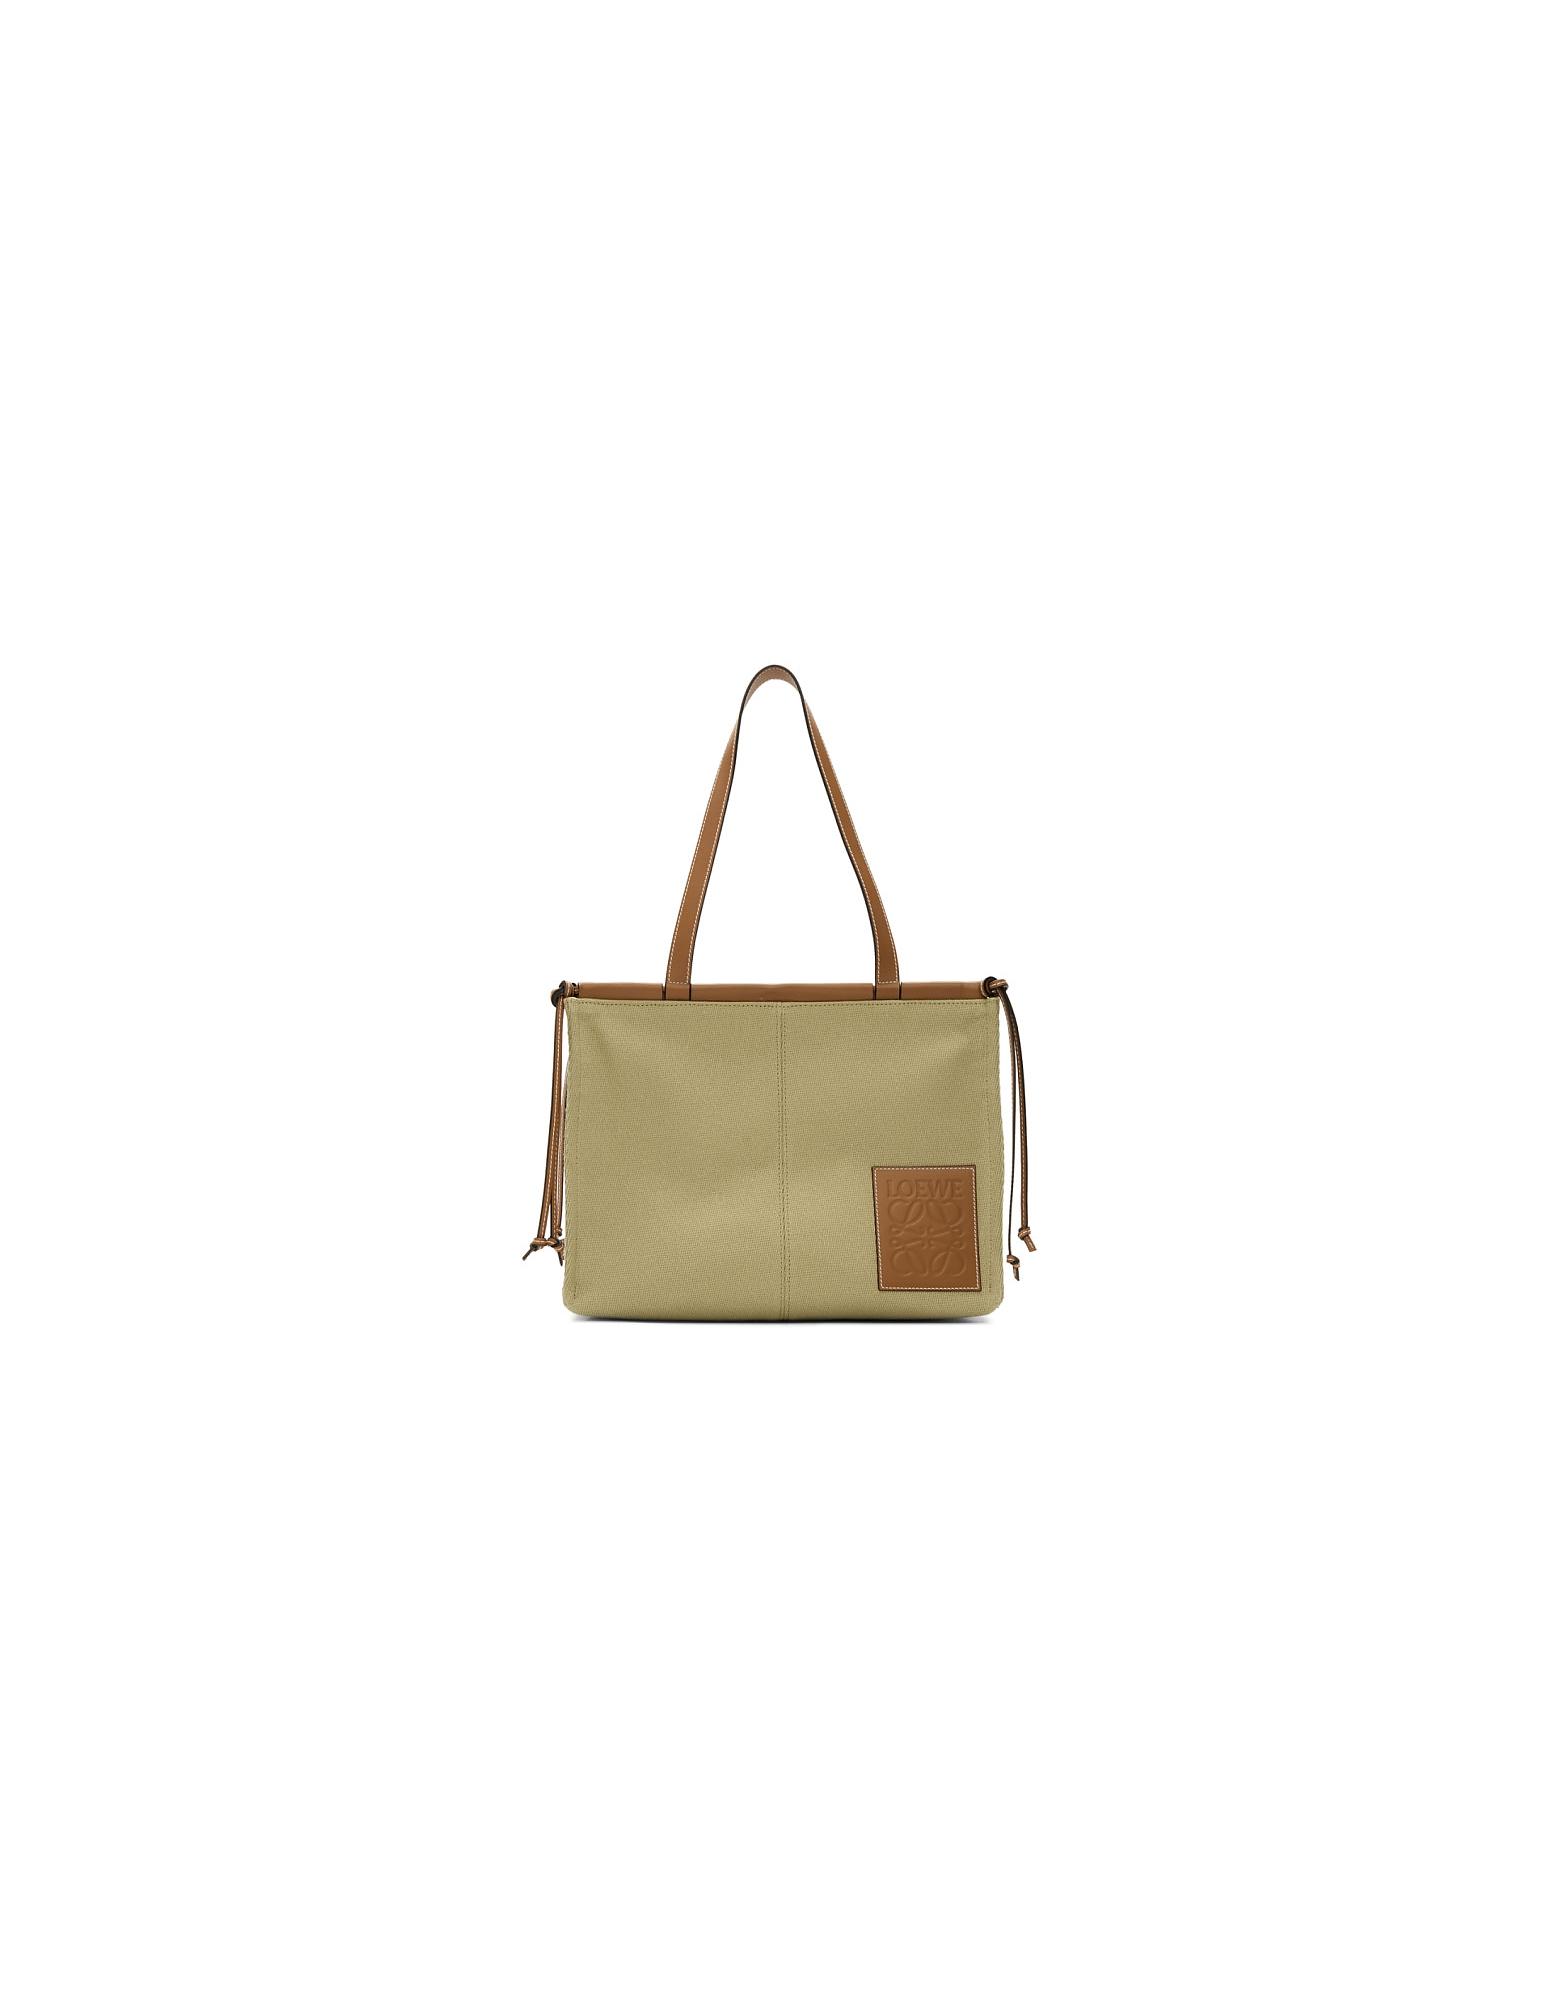 Loewe Designer Handbags, Beige Cushion Tote